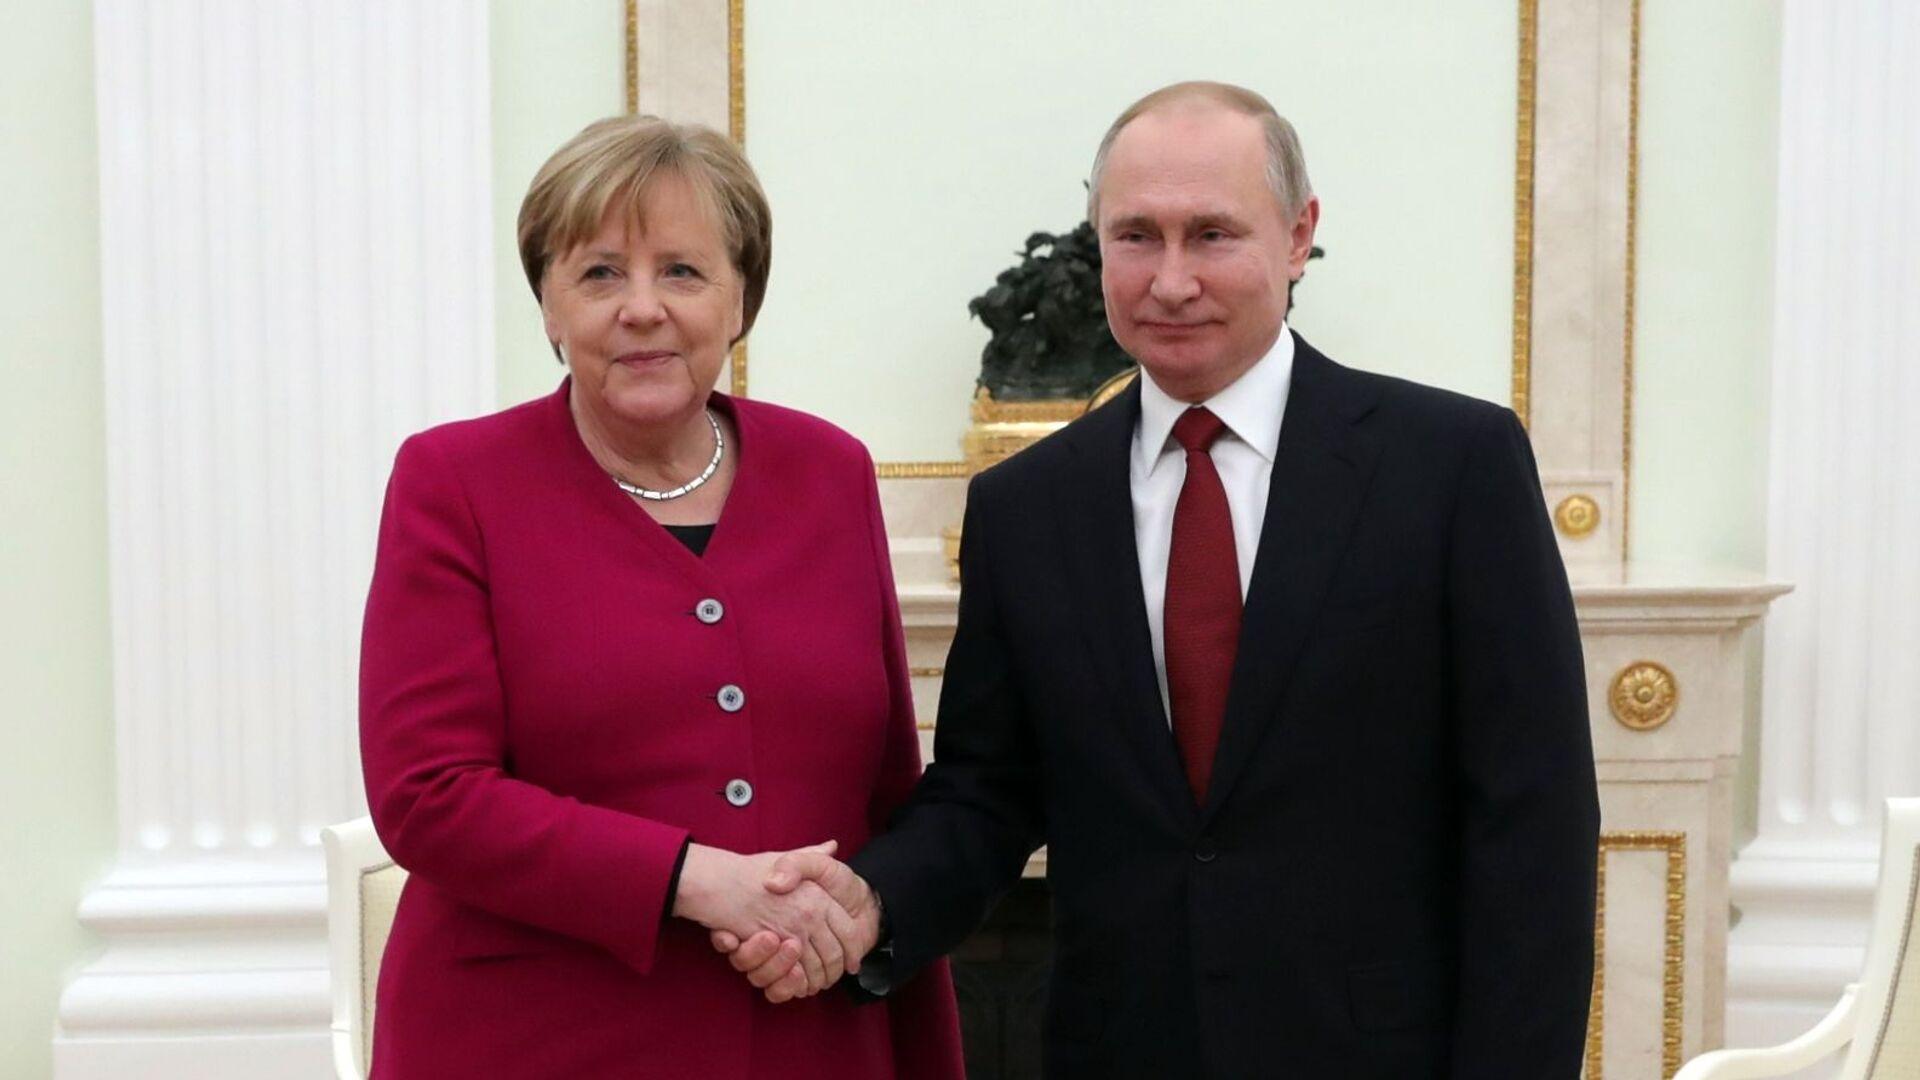 Ruský prezident Putin a německá kancléřka Angela Merkelová - Sputnik Česká republika, 1920, 21.06.2021